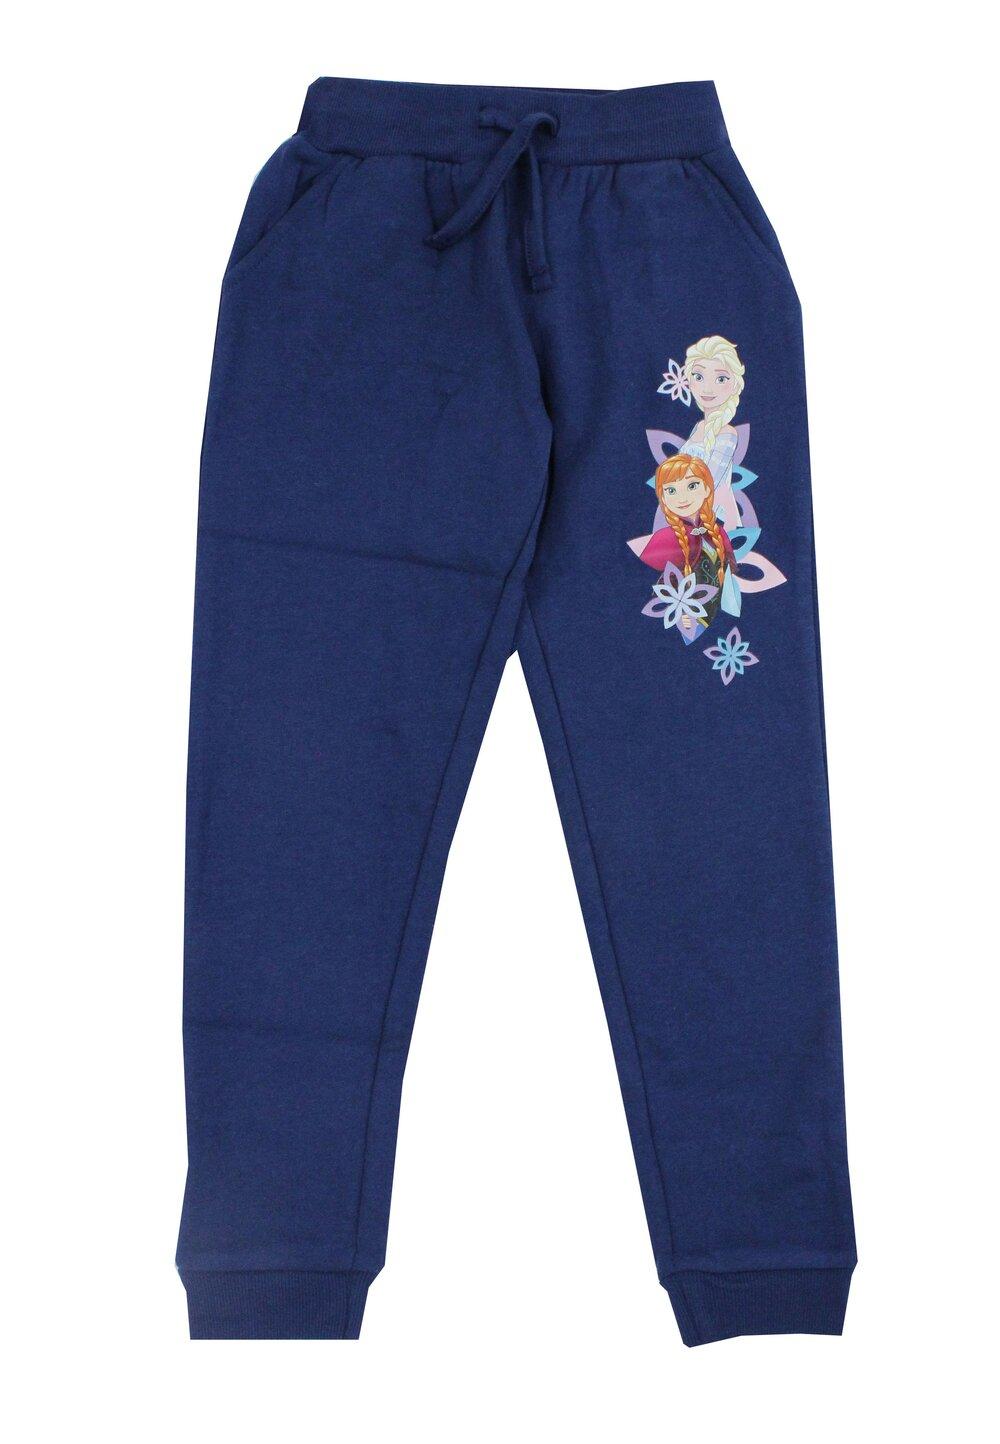 Pantaloni trening, Frozen, albastri cu buzunare